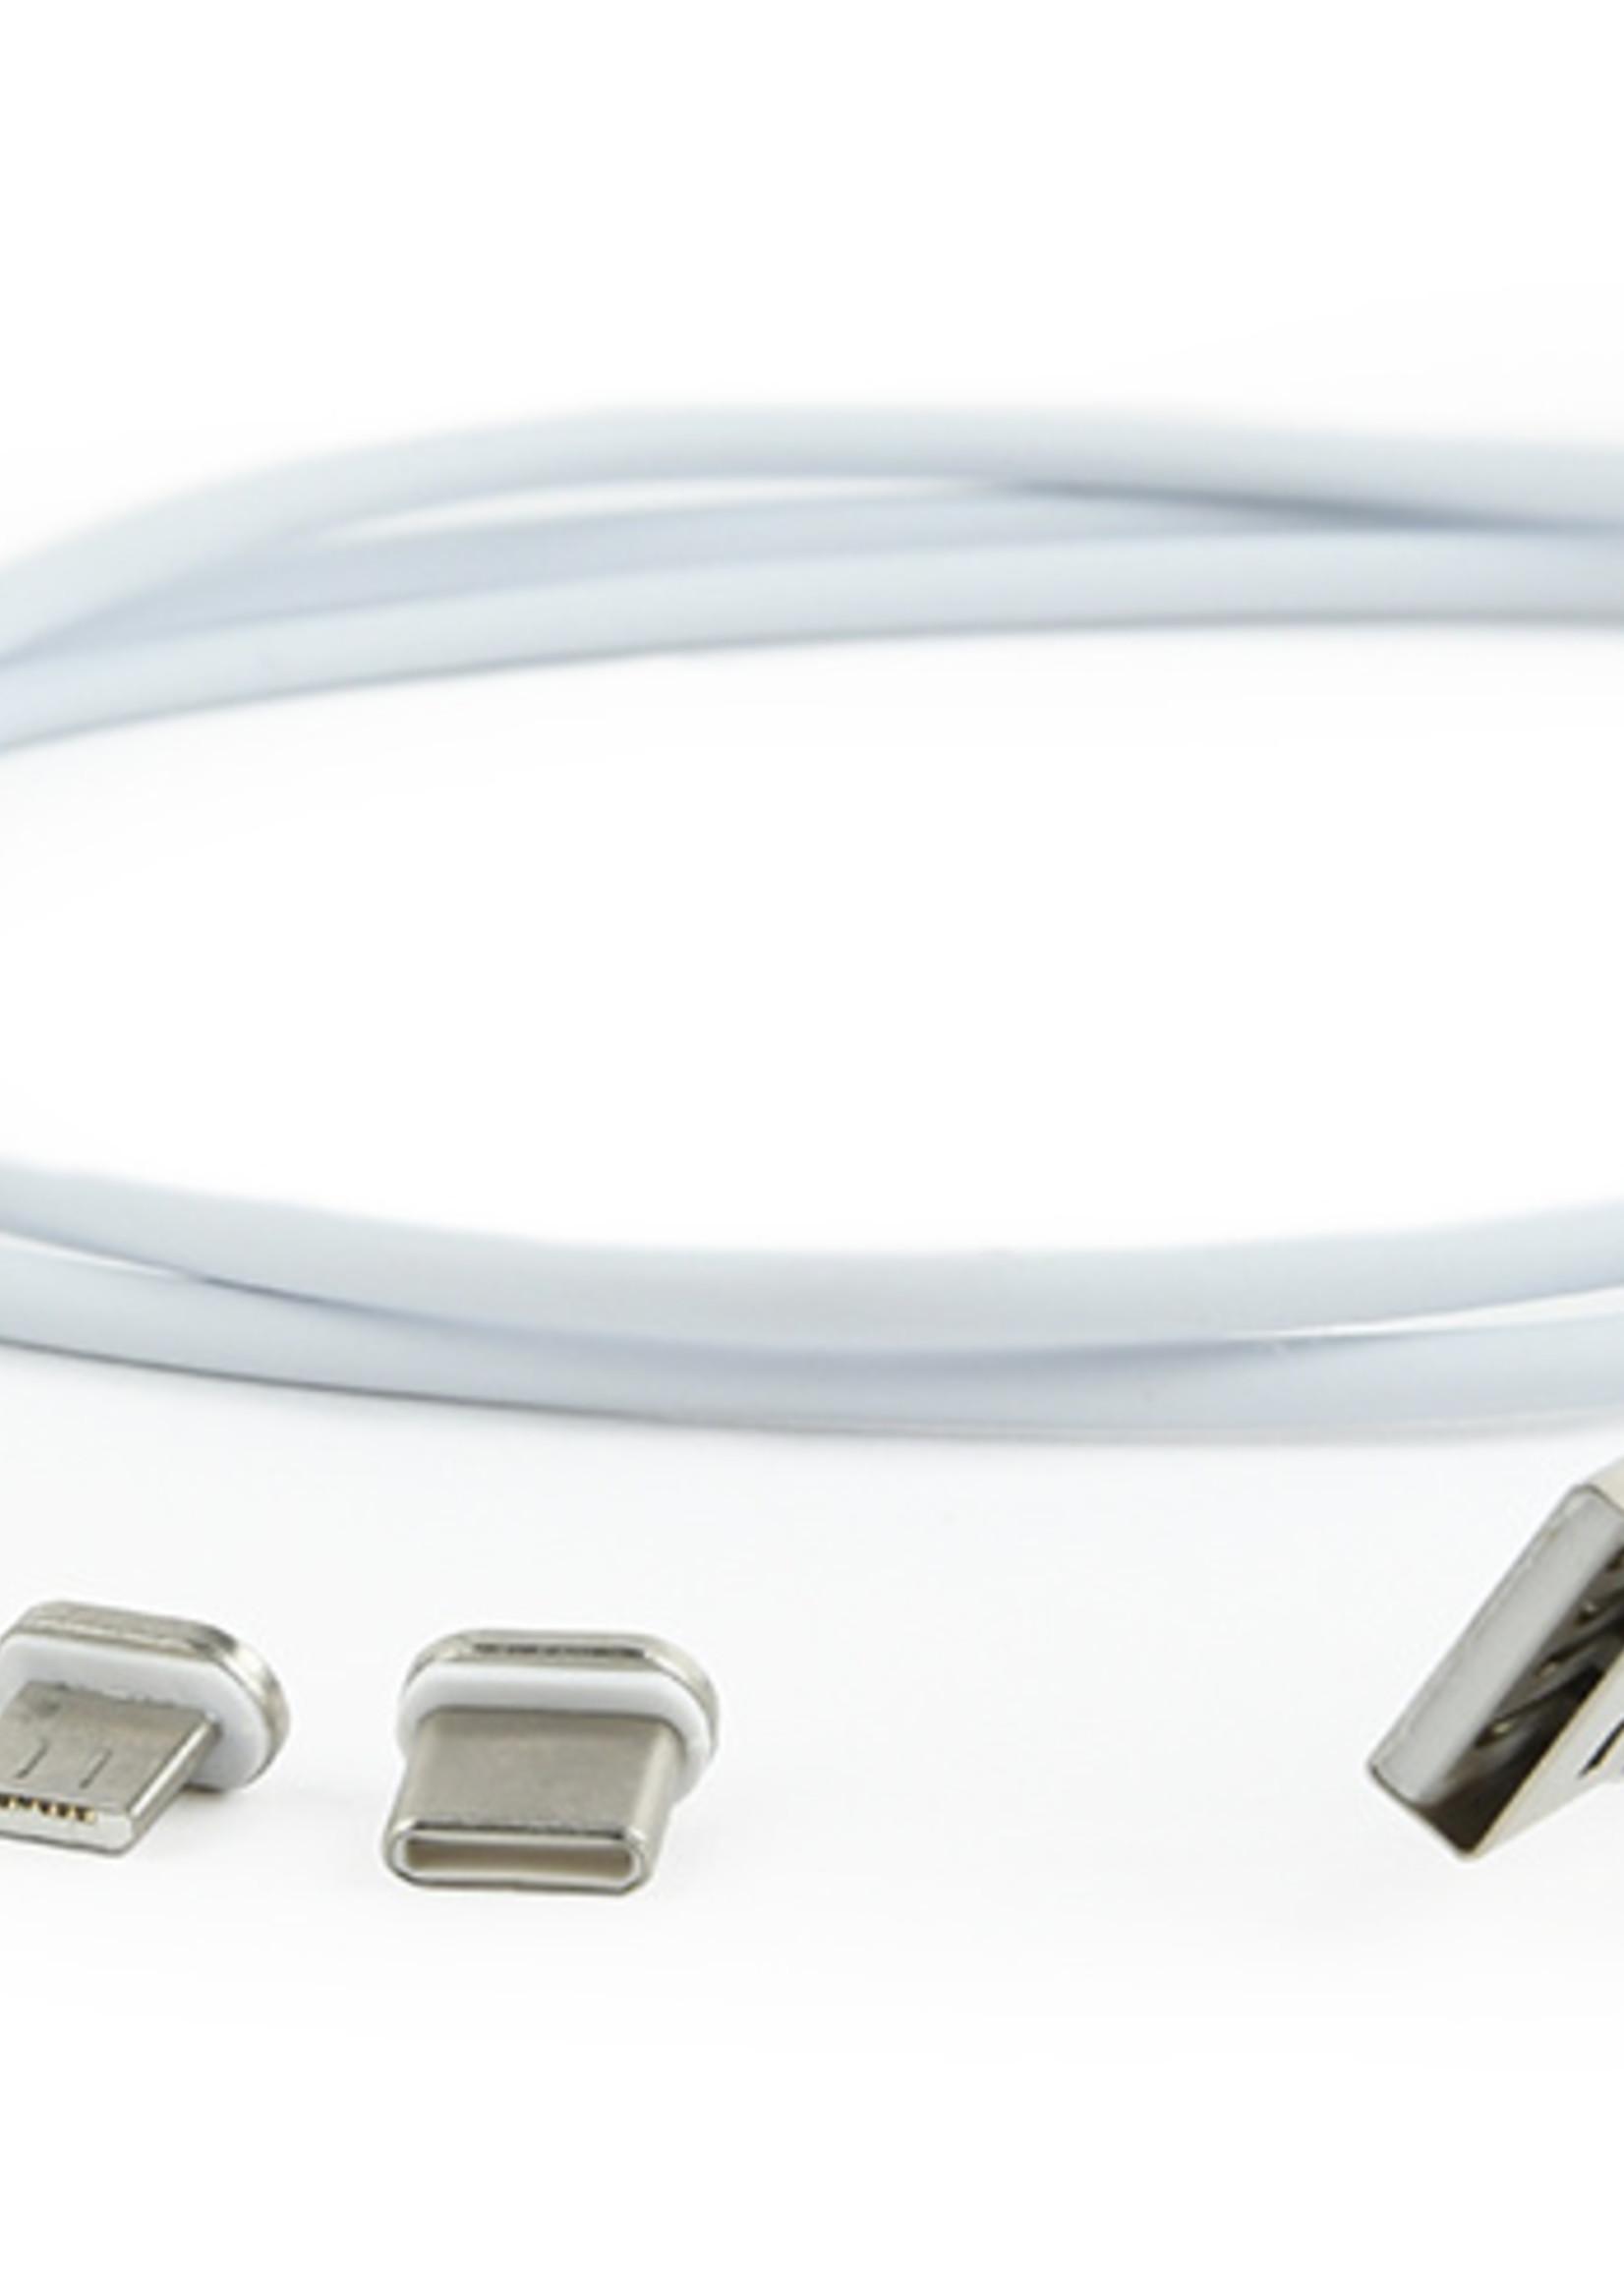 CableXpert Magnetische 3-in-1 USB oplaadkabel, 1 meter